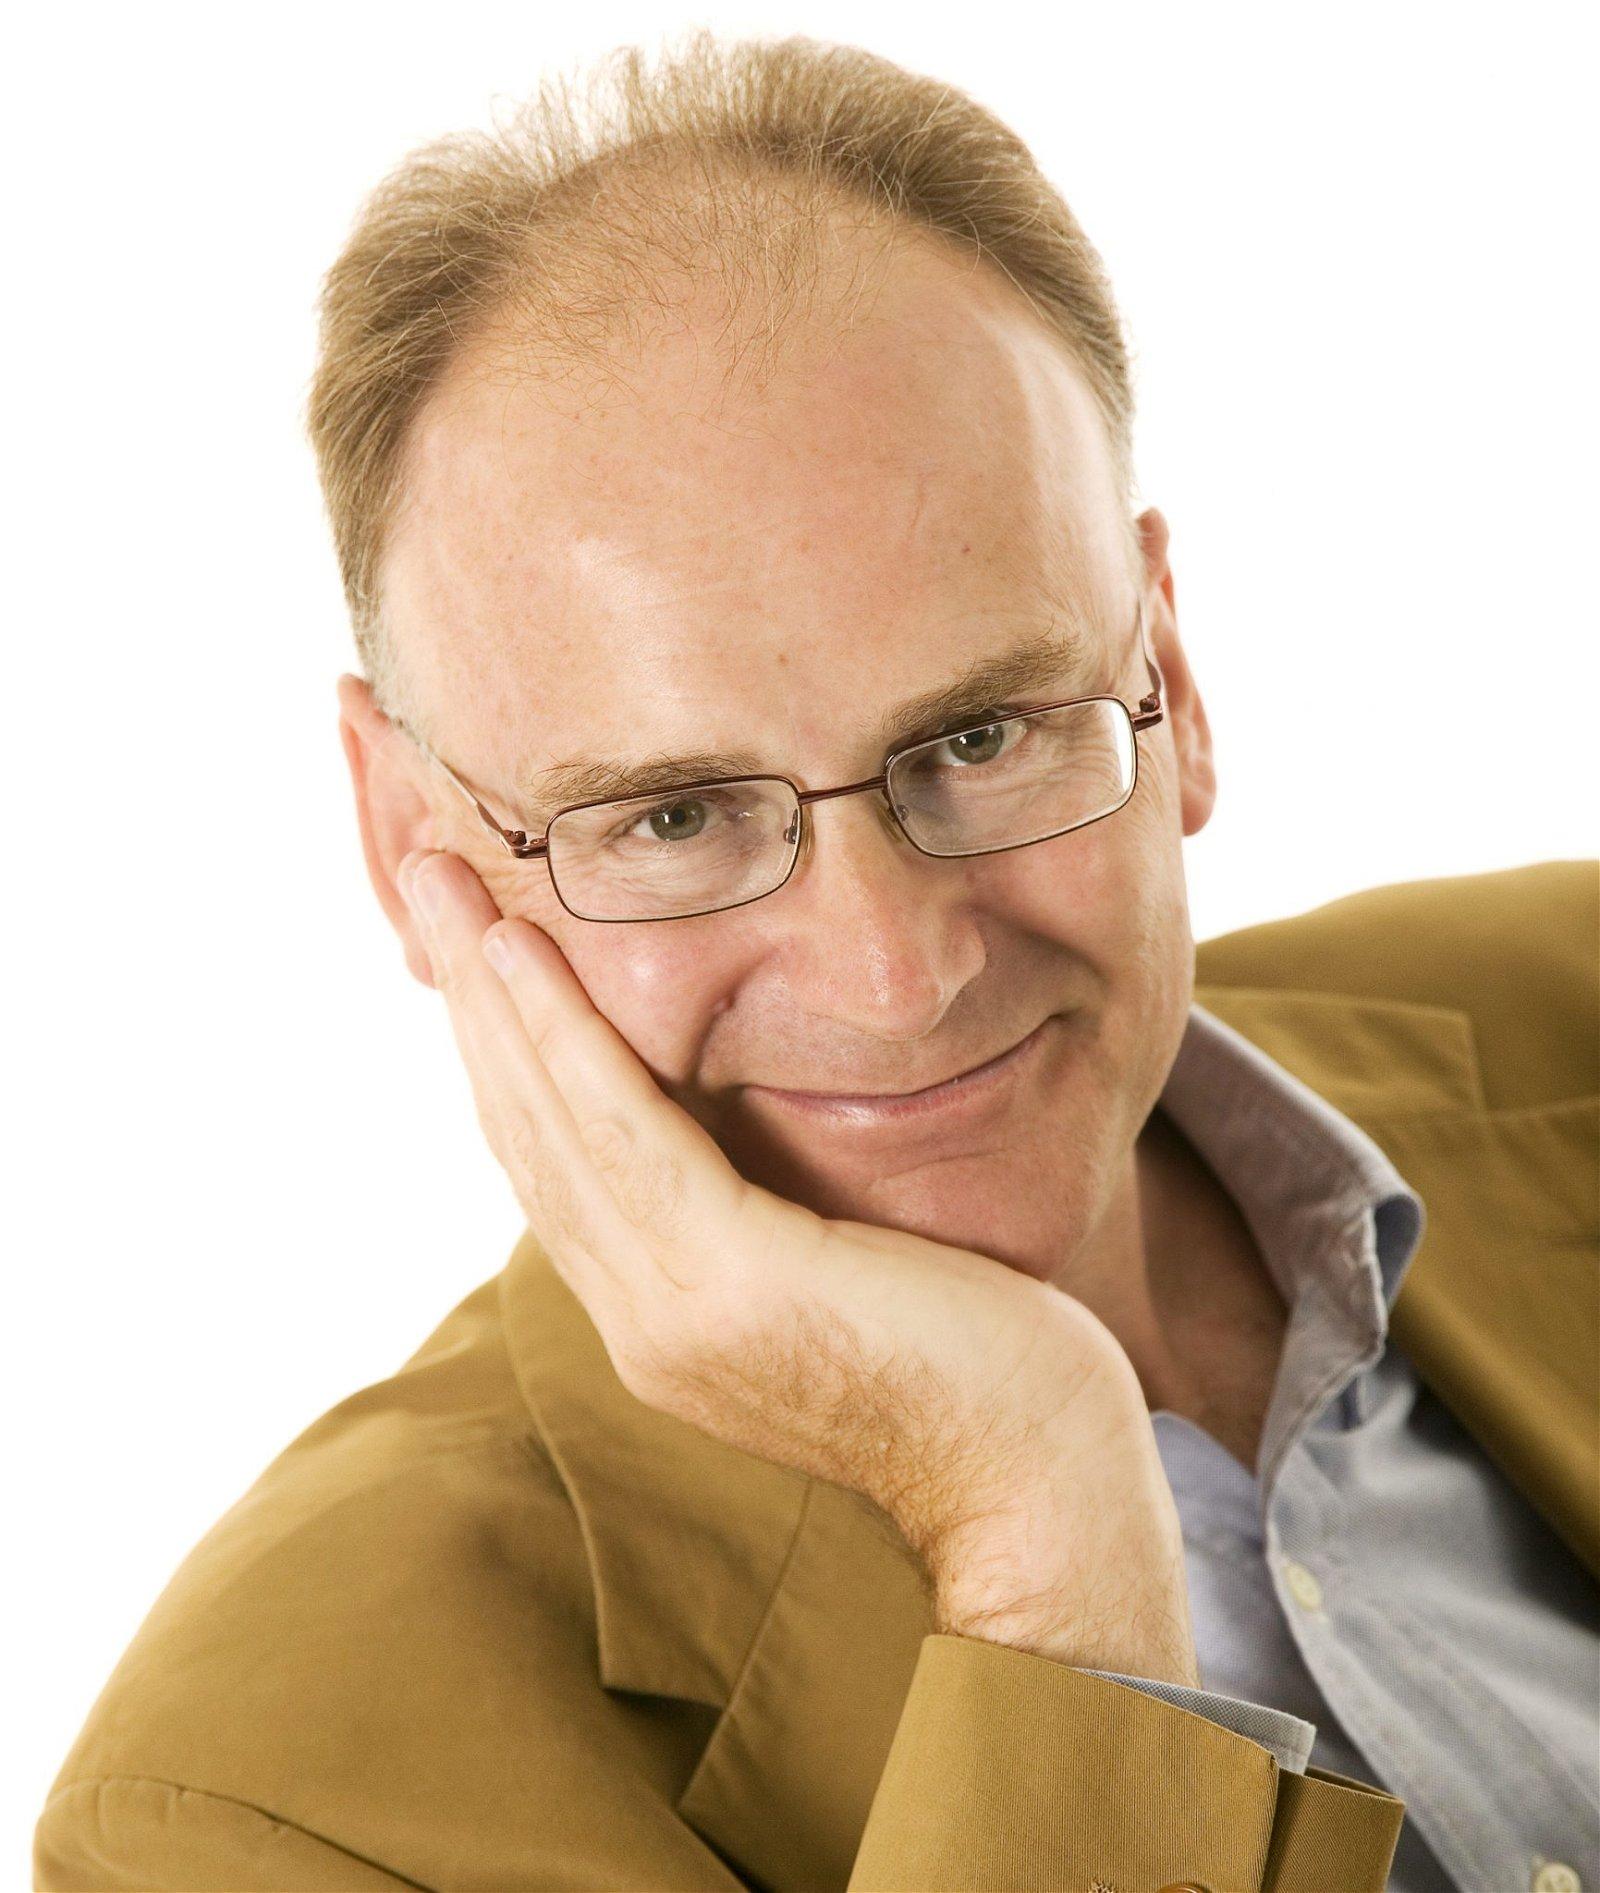 Matt Ridley headshot